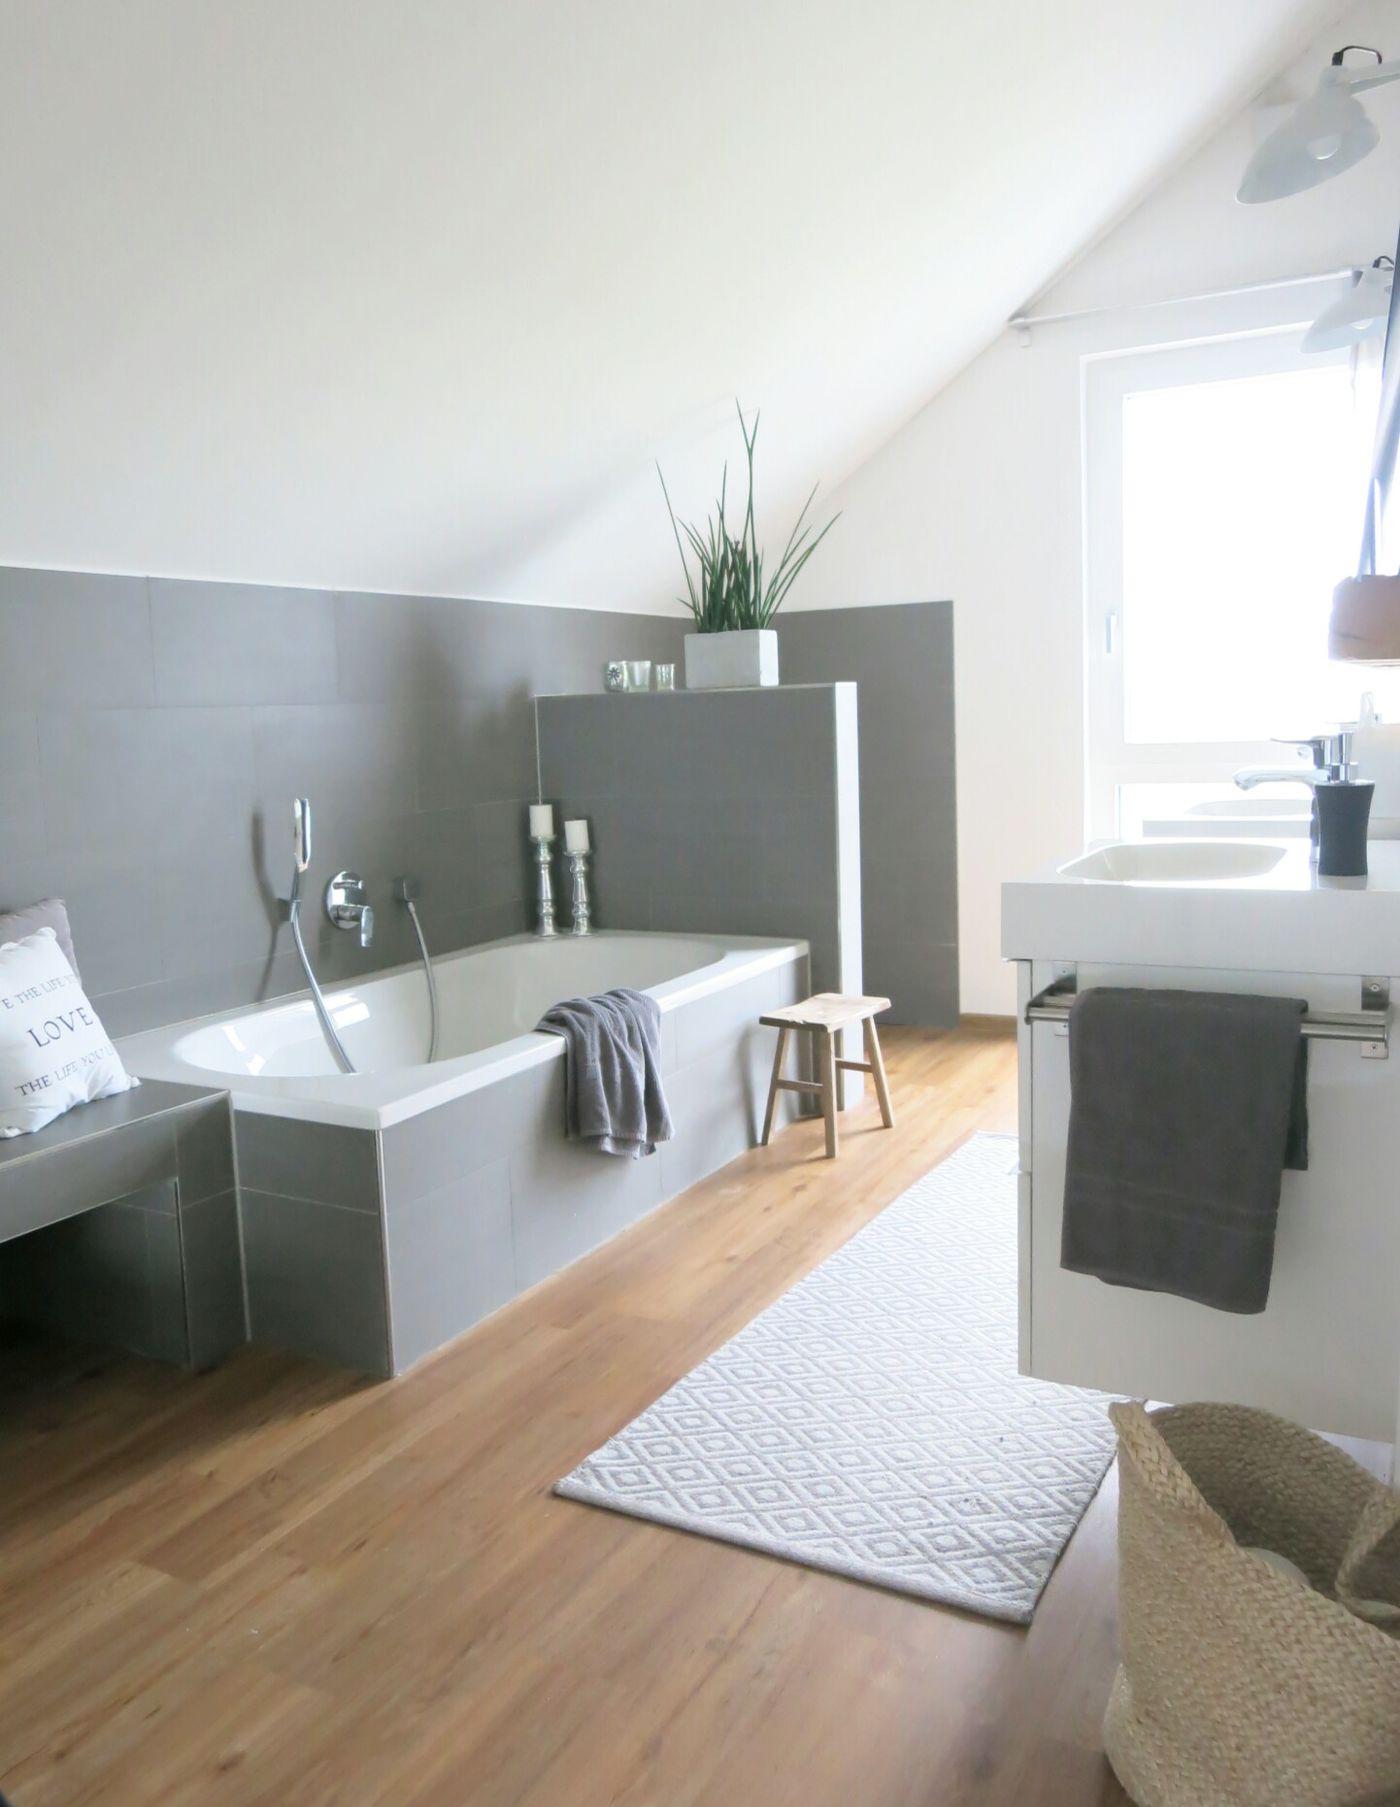 Die Schönsten Badezimmer | Badezimmer Einfach Die Schönsten ...